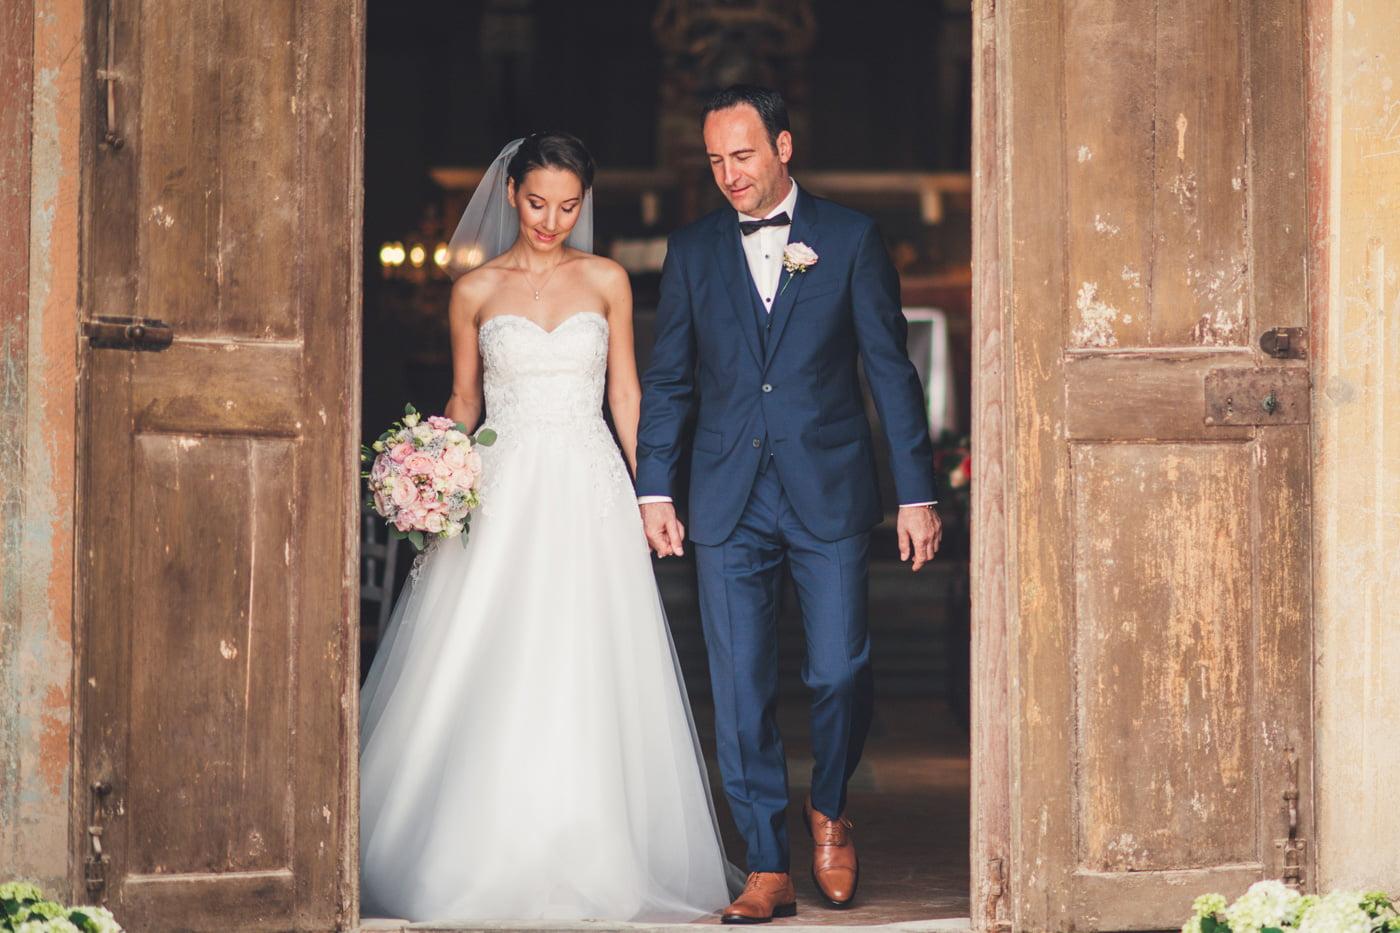 017-wedding-tuscany-rignana